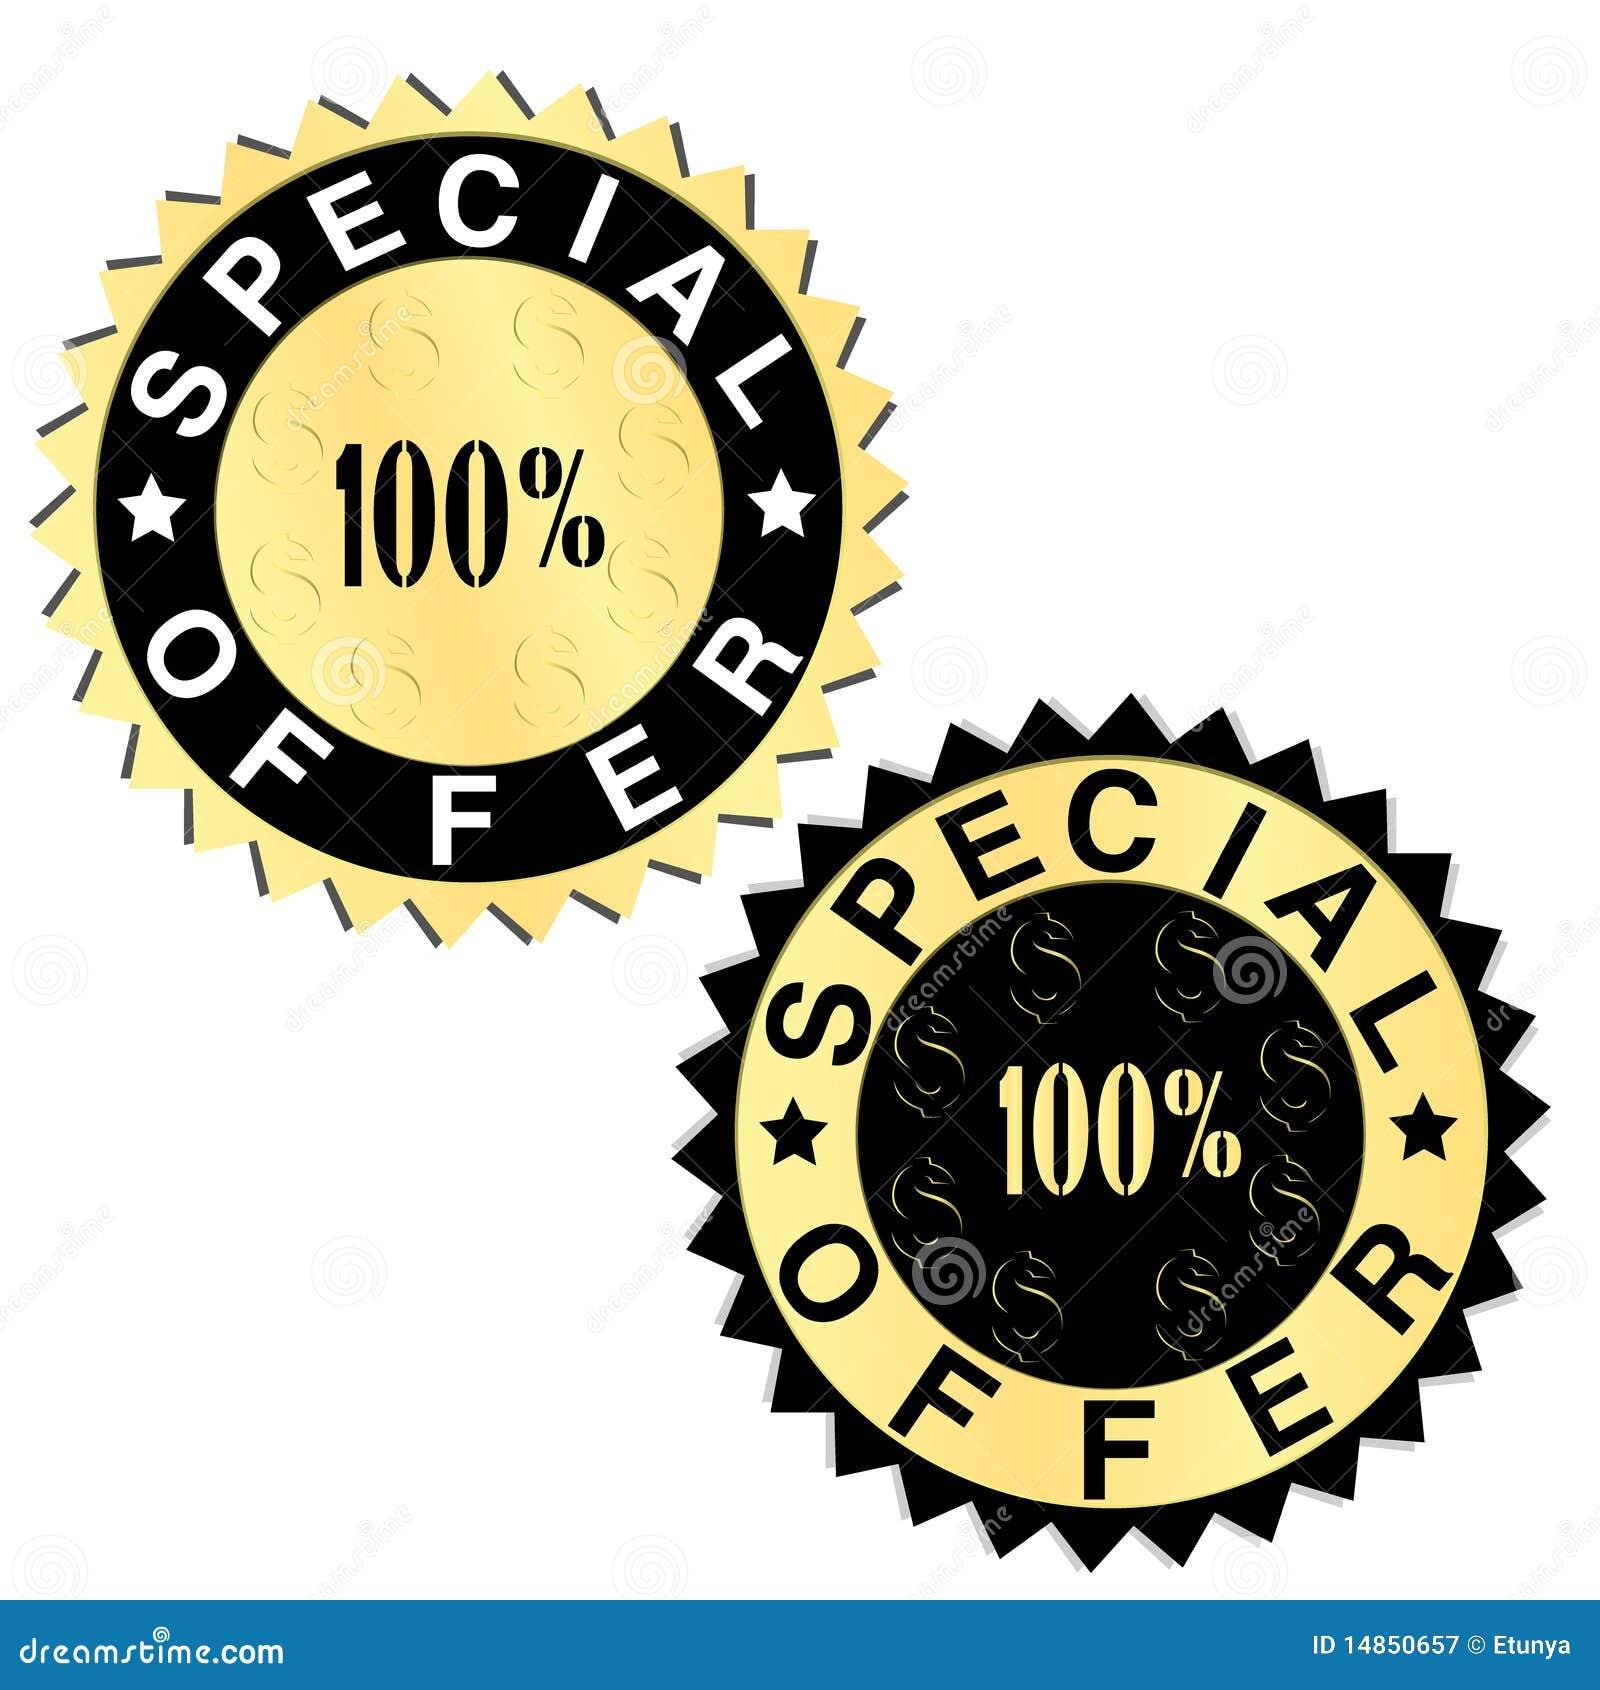 Special offer golden labels